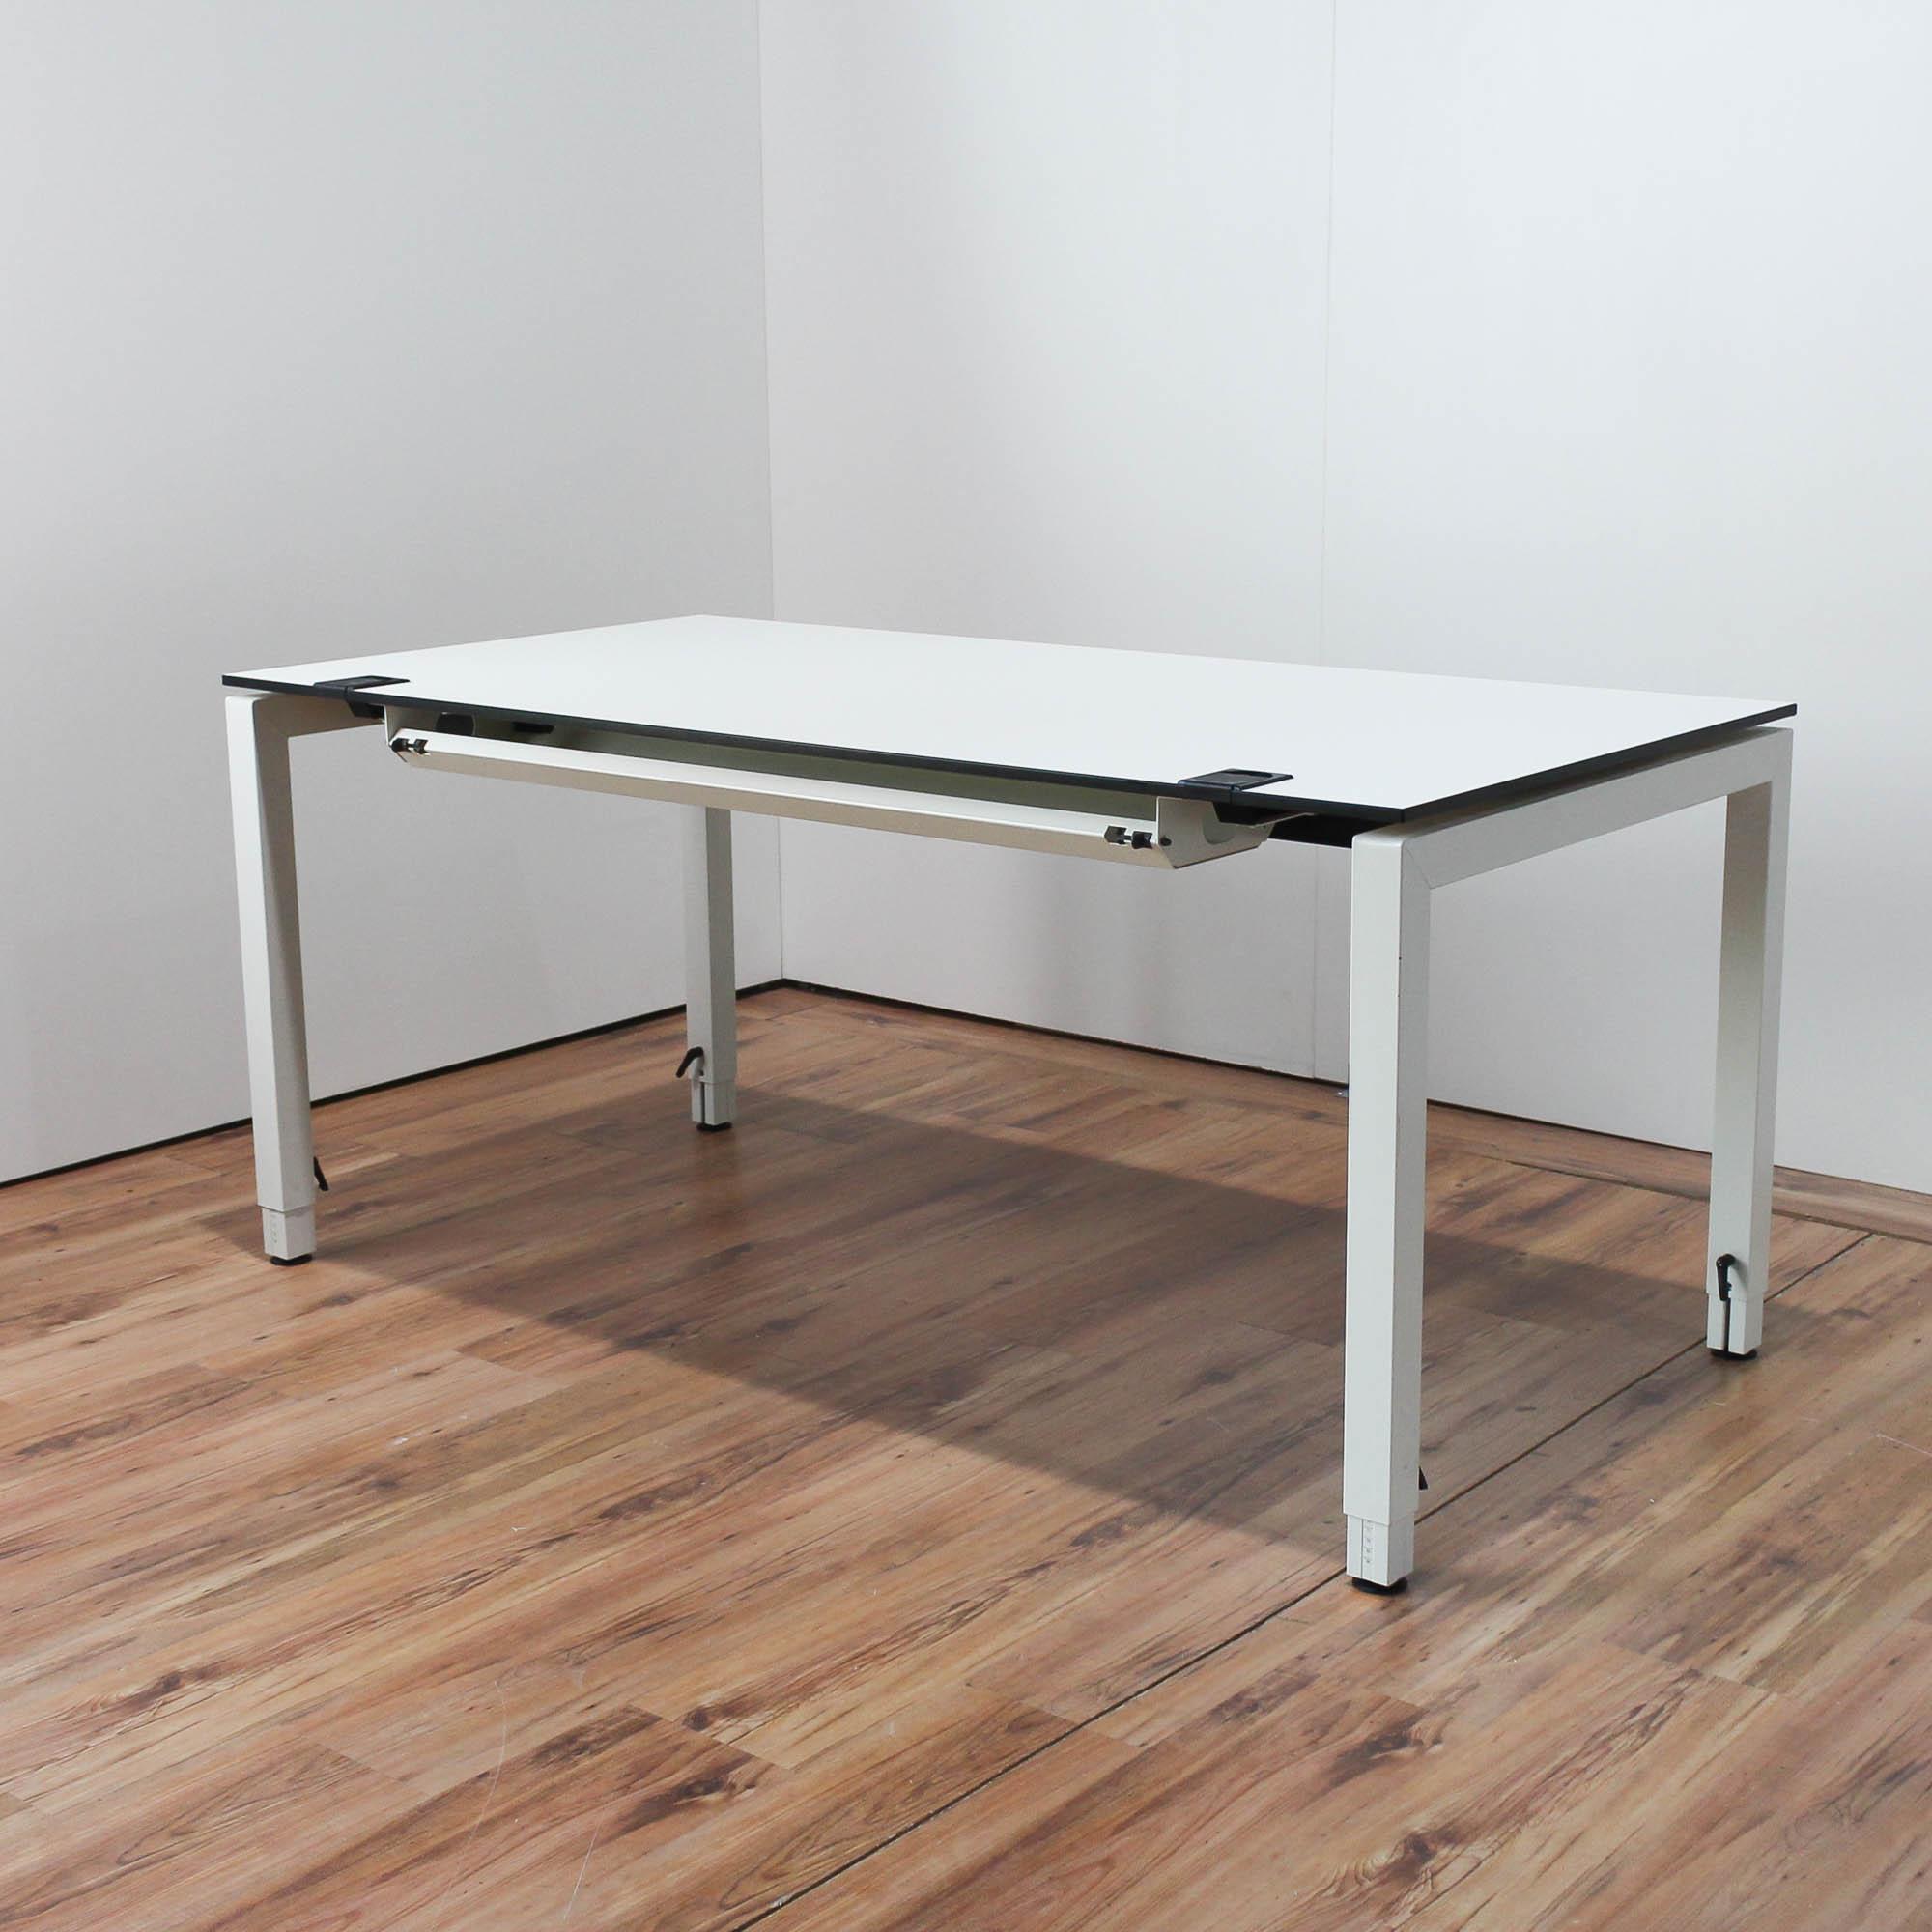 samas schreibtisch wei 160x80cm tischkante schwarz 4 fu. Black Bedroom Furniture Sets. Home Design Ideas